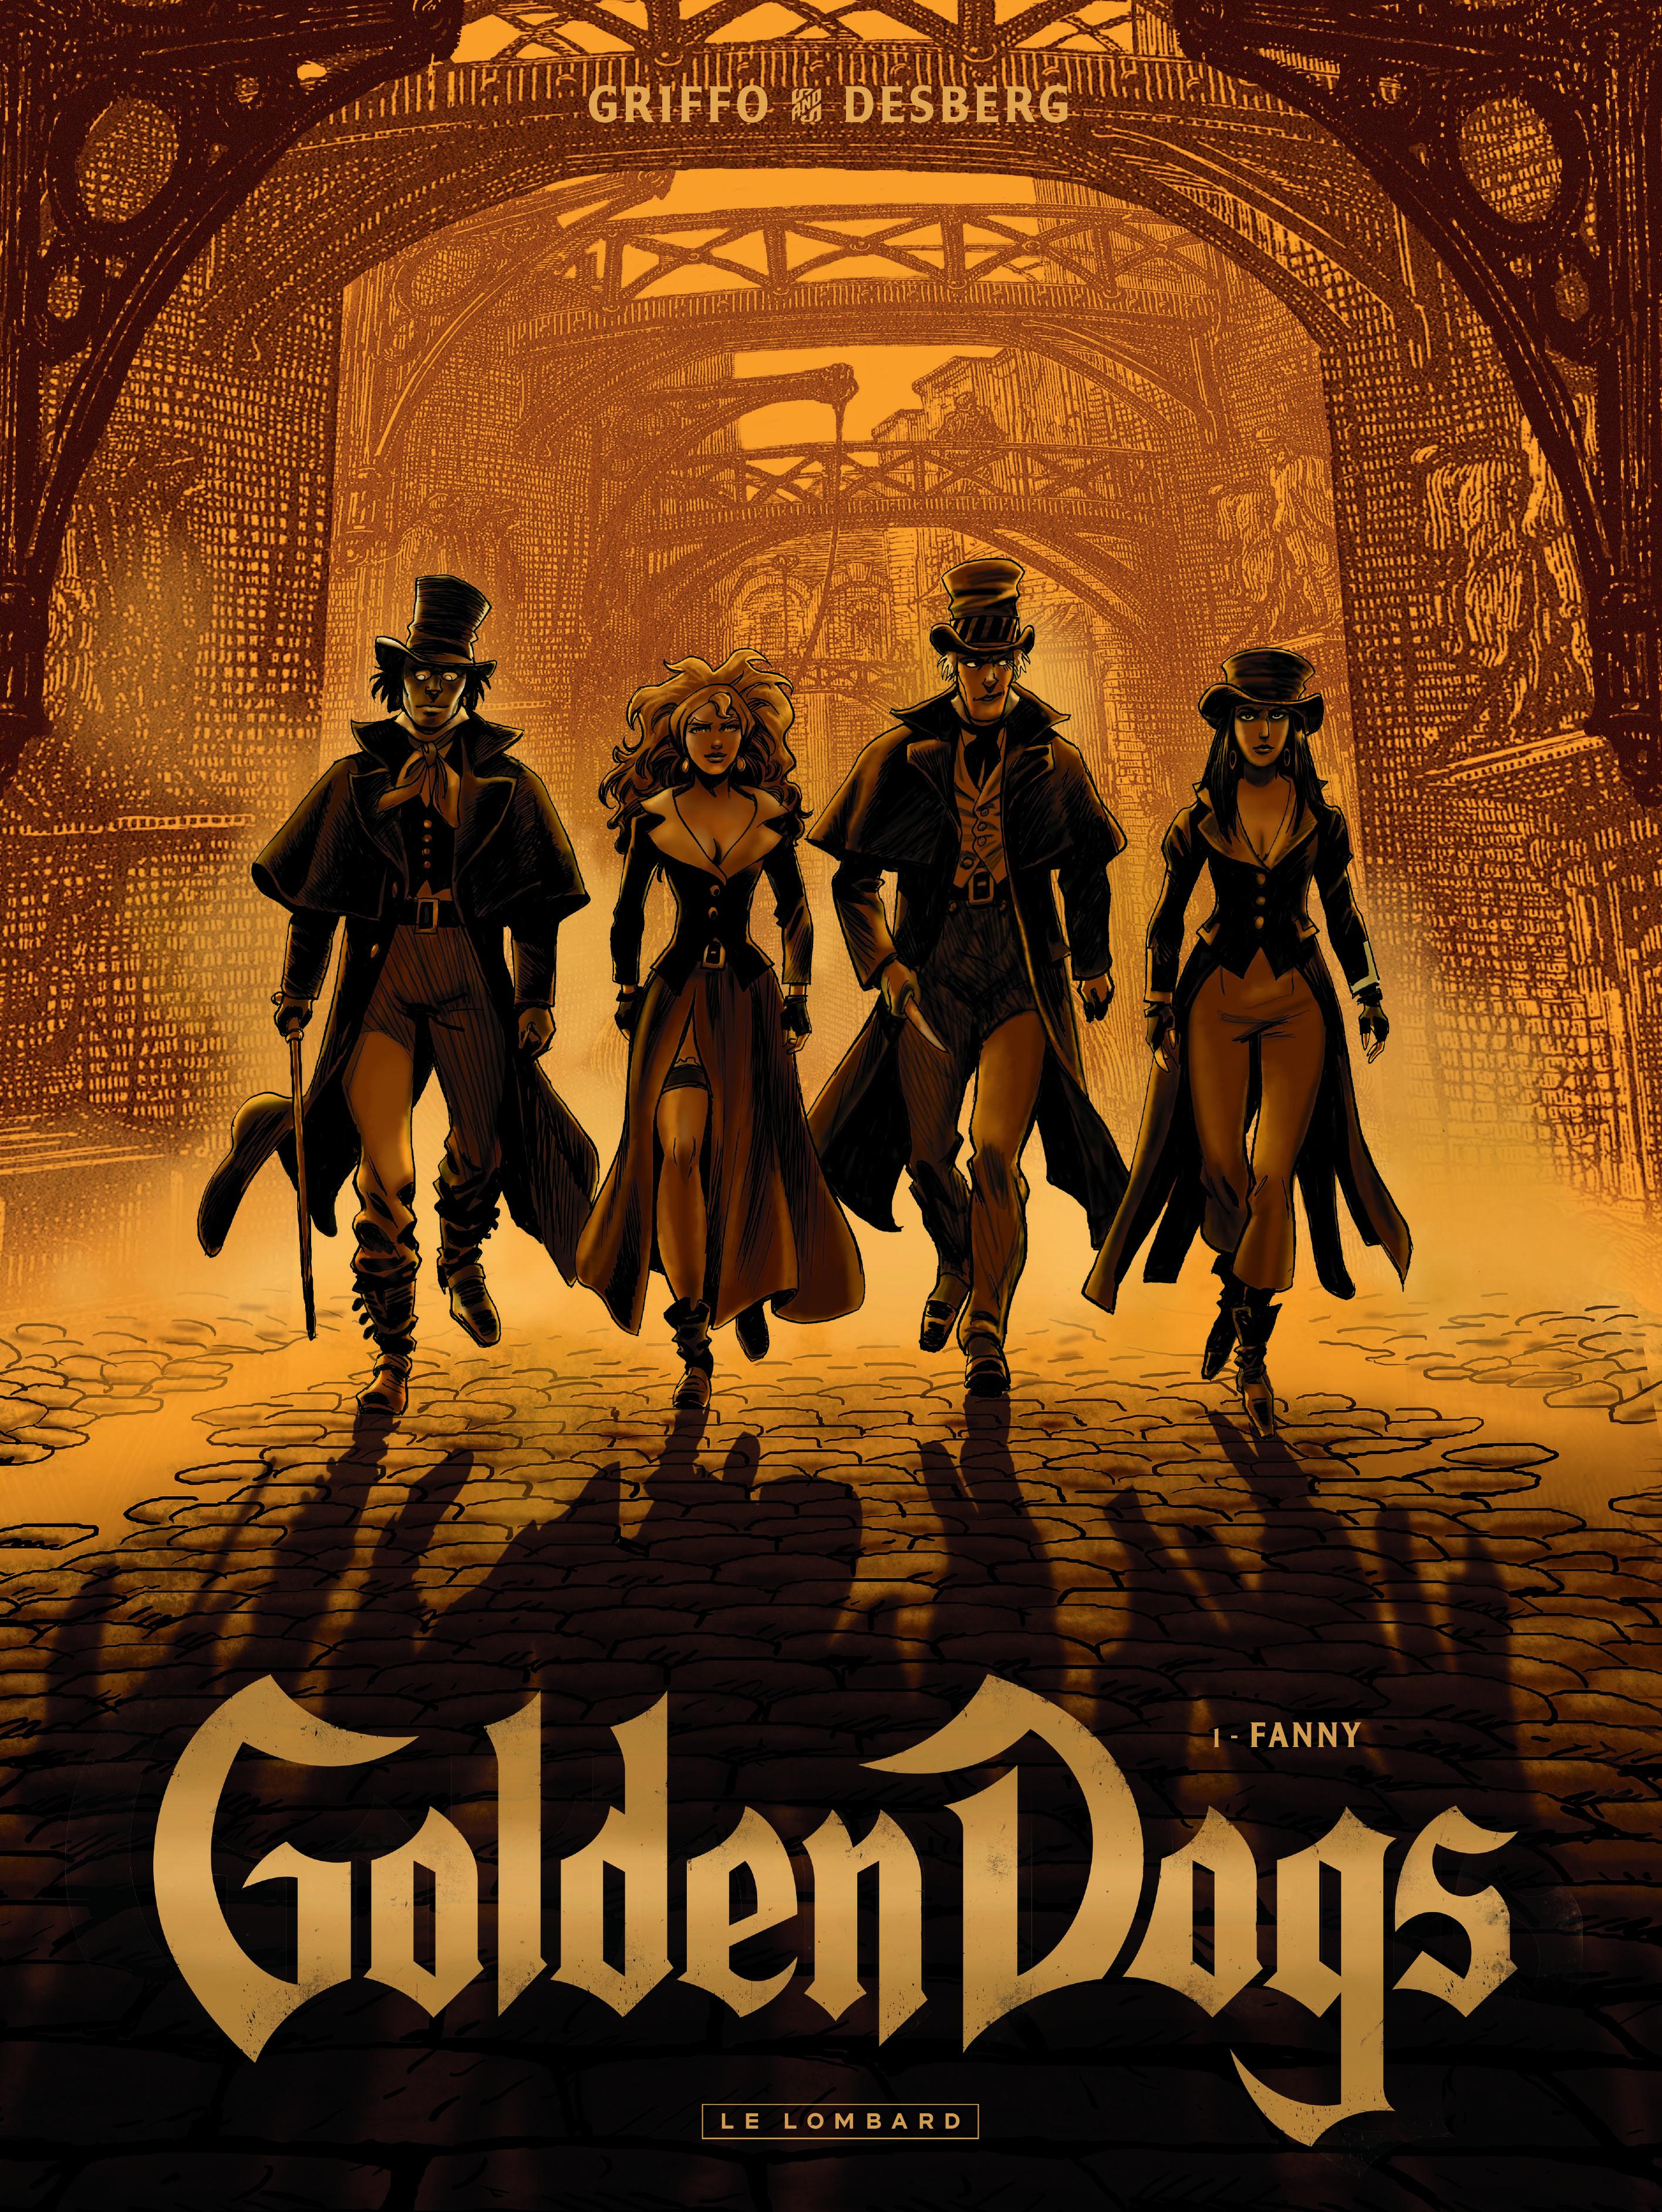 Golden dogs T1 : Fanny (0), bd chez Le Lombard de Desberg, Griffo